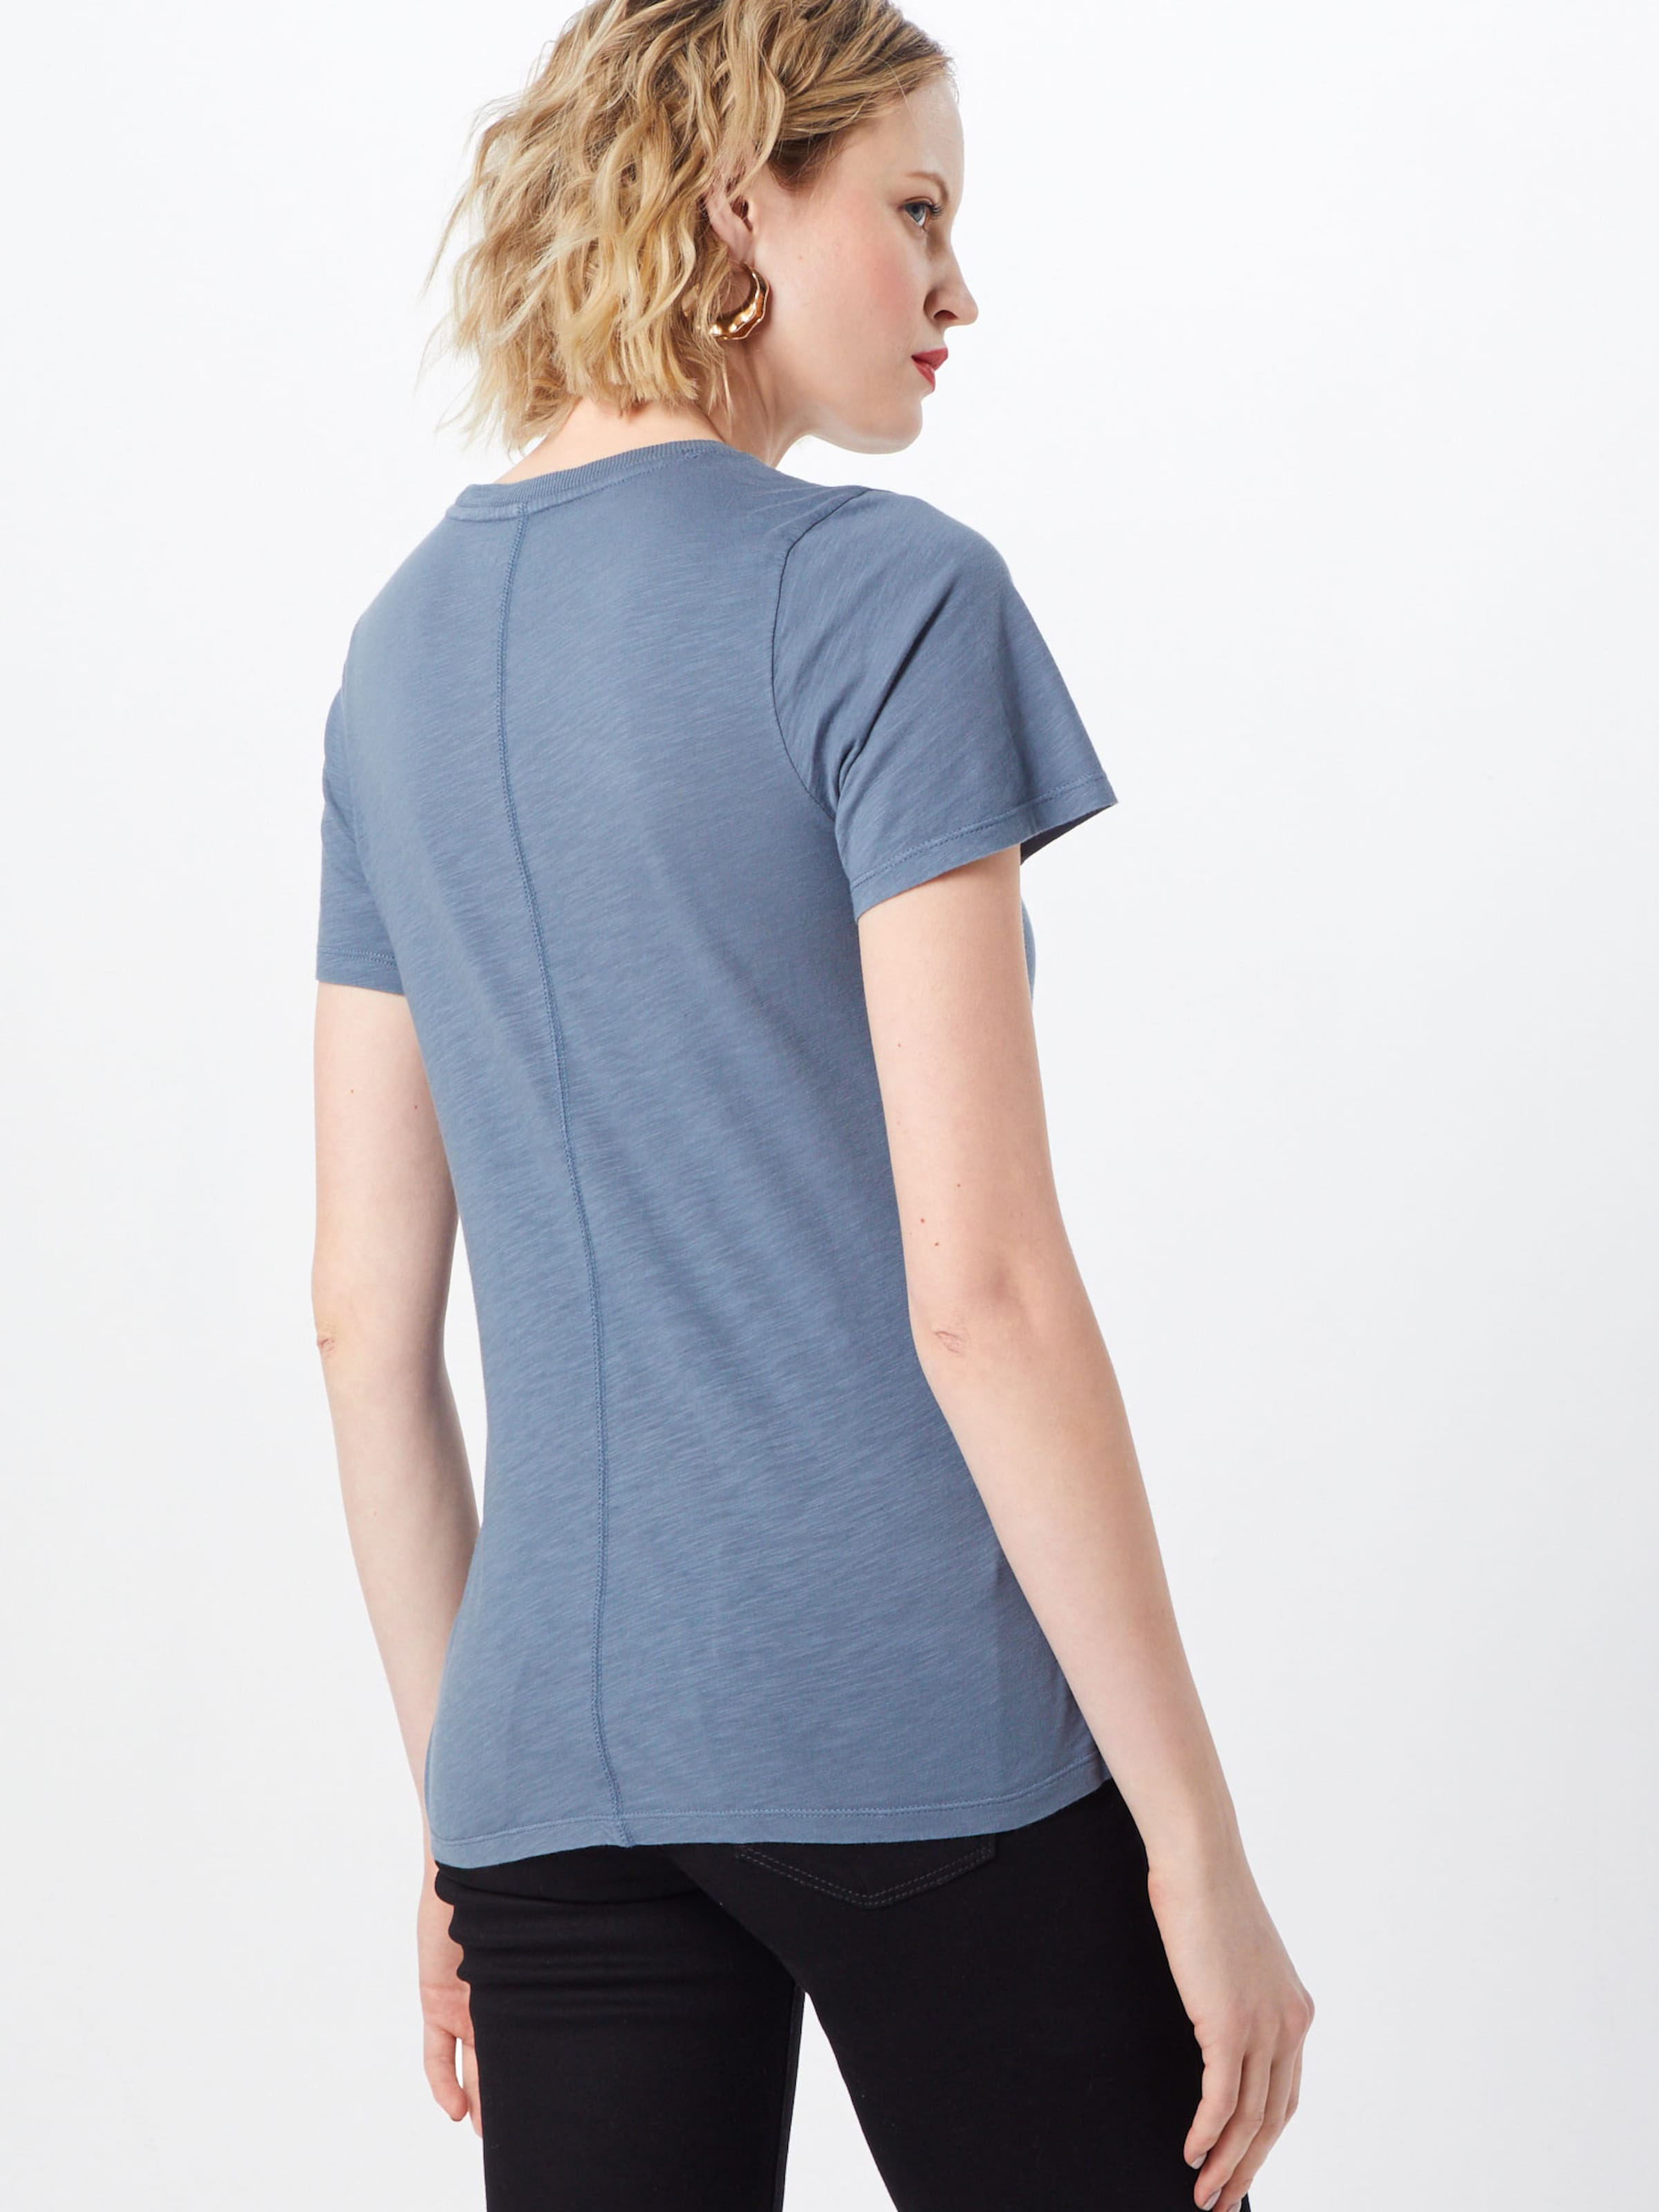 Bleu Gap gris T shirt En drBsthQCx